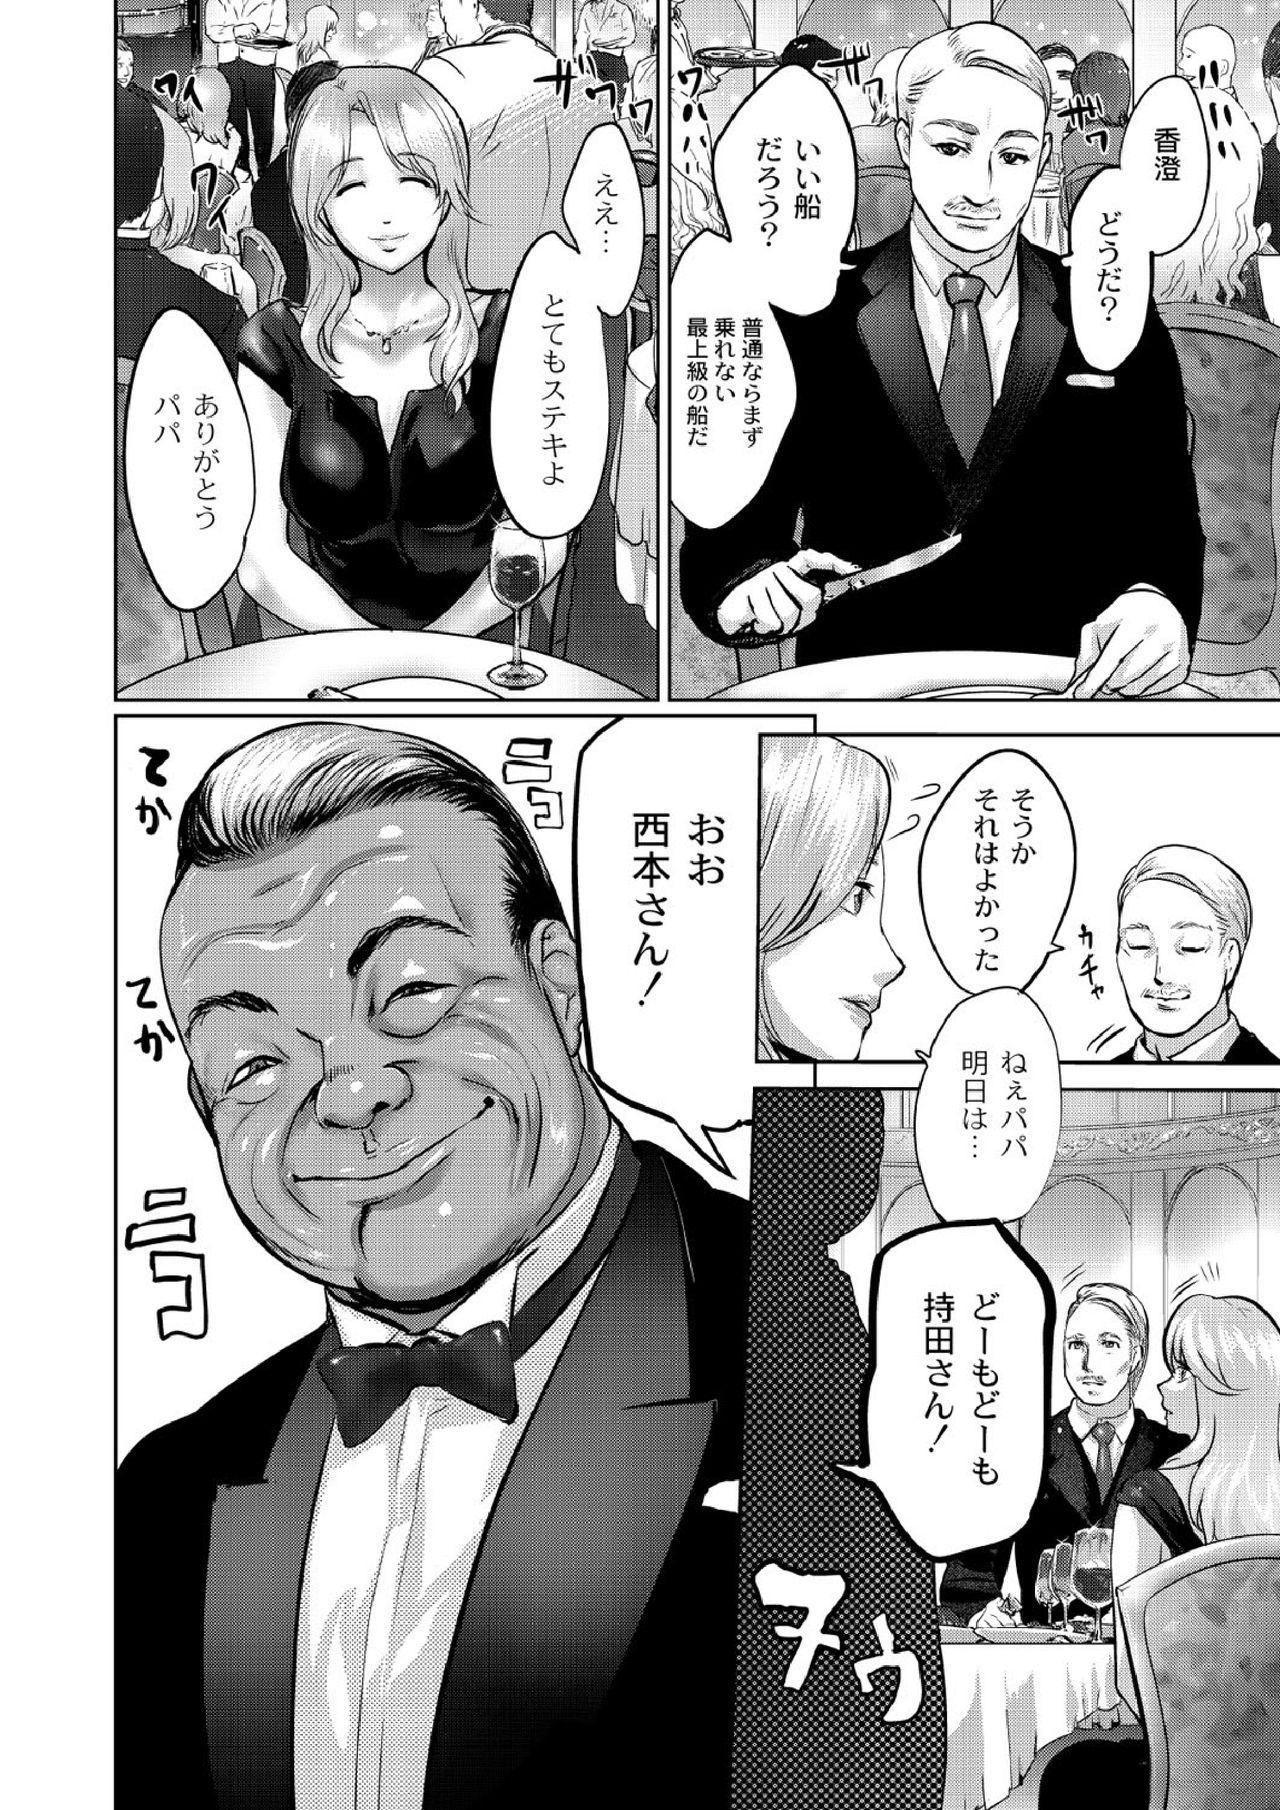 豪華客船ツアー~狩られる女たち~vol.5 1